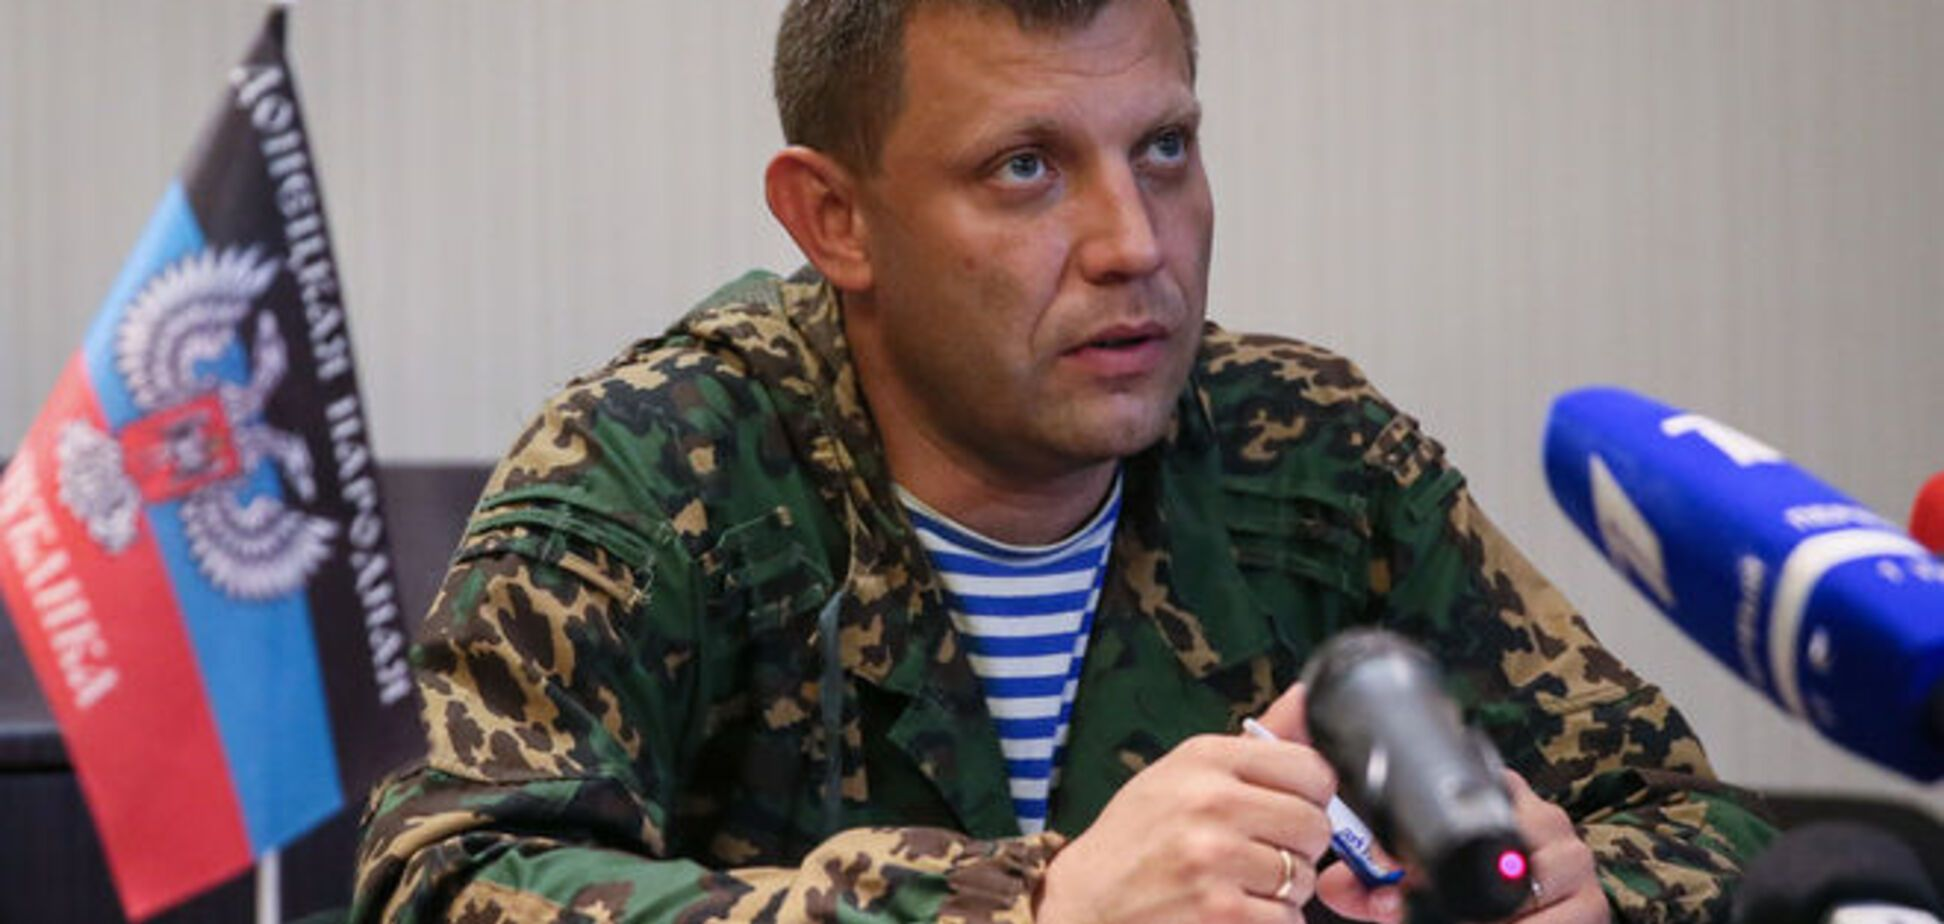 Ватажок 'ДНР' оцінює шанси відновлення війни у 90%